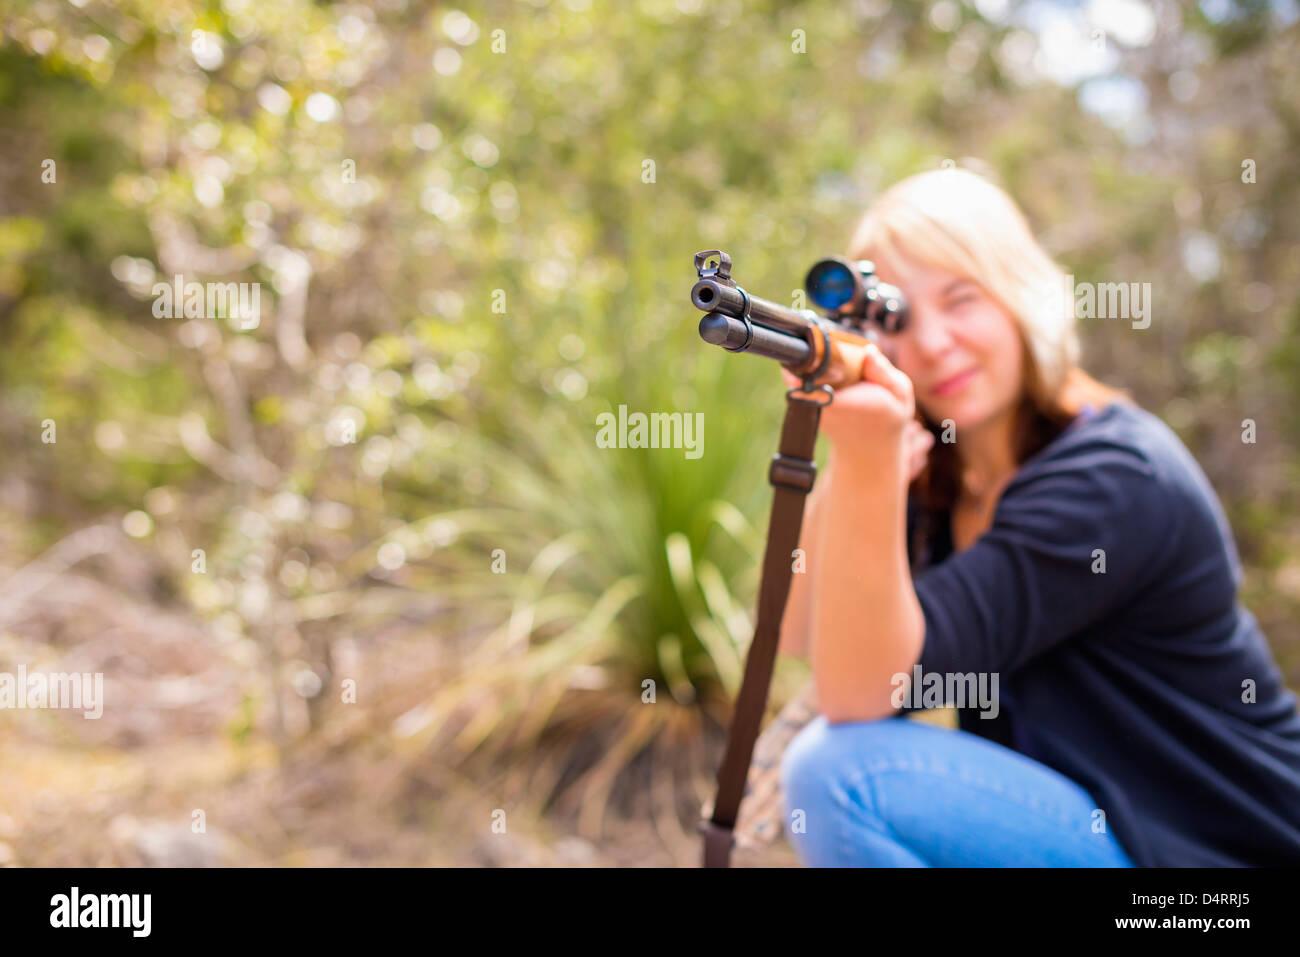 Junge Frau schießen eine Jagd Gewehr Waffe, Weiblich 19 kaukasischen, Texas, USA Stockbild